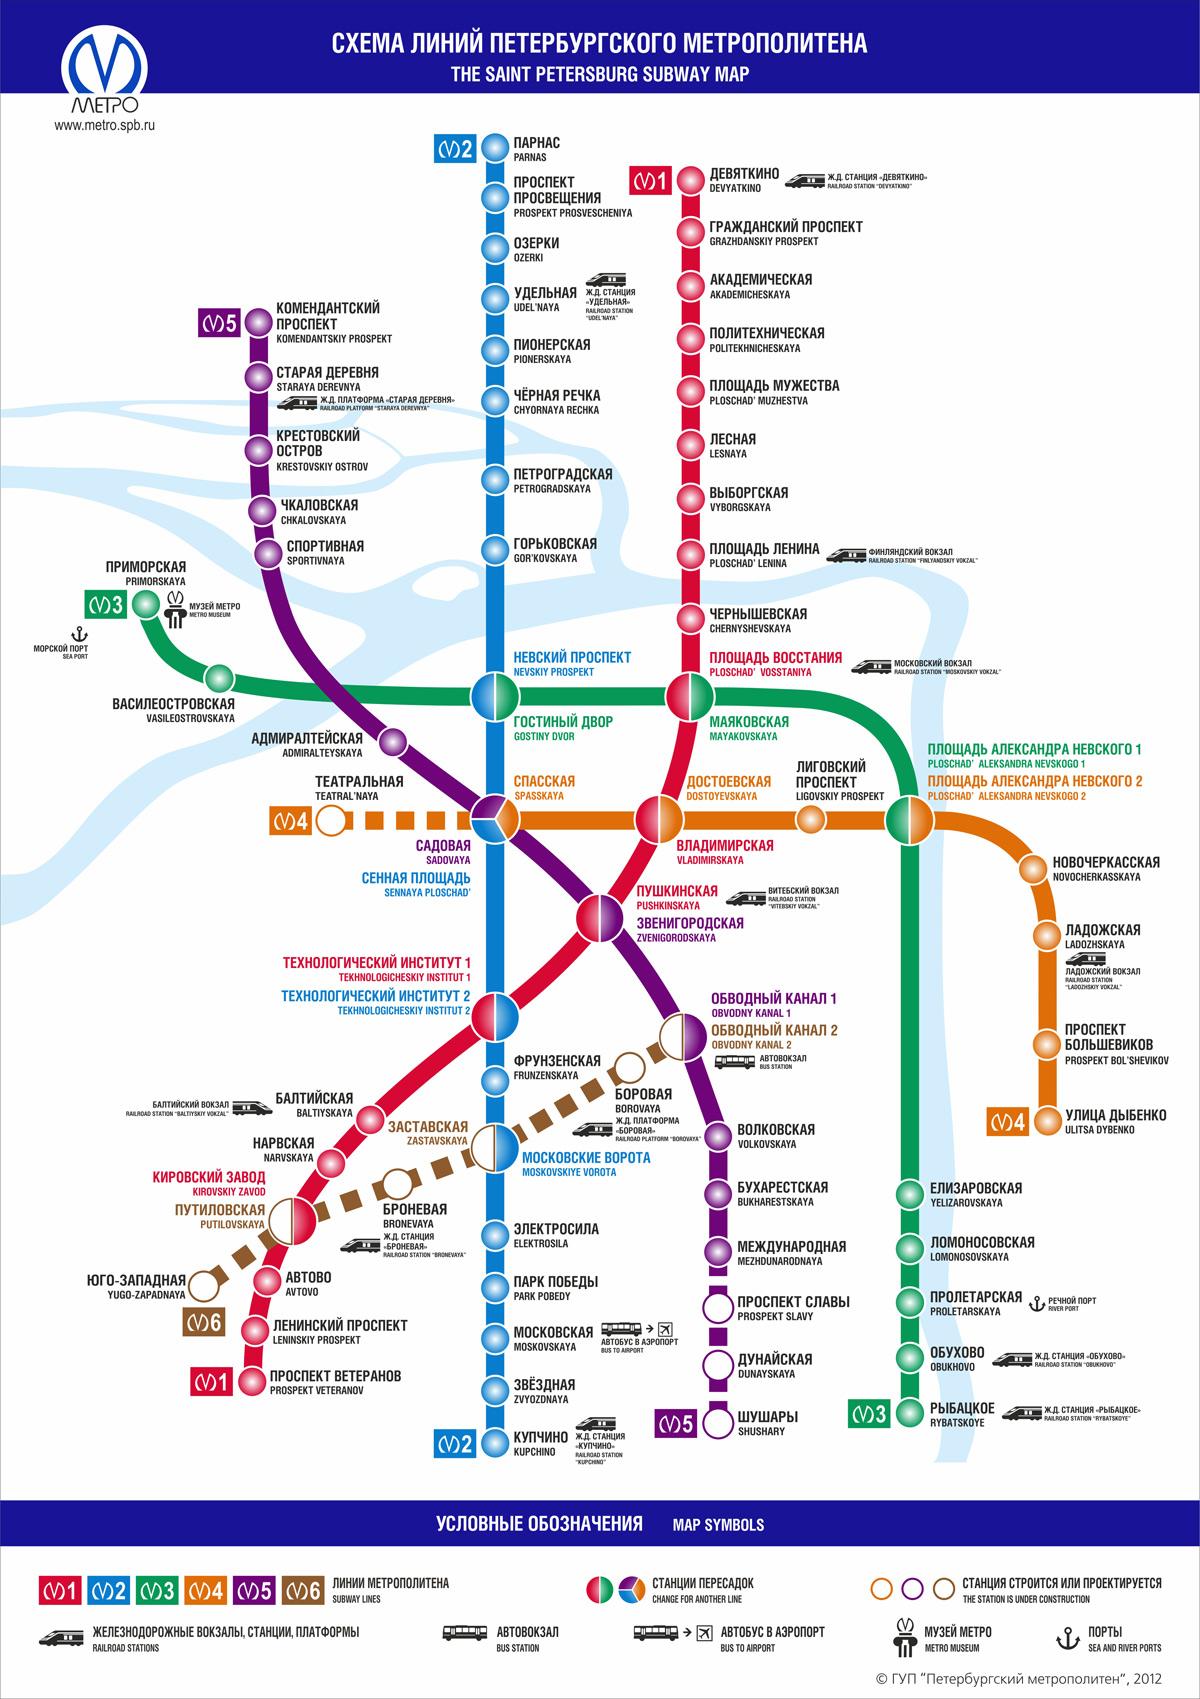 metro_shema_28.12.12c